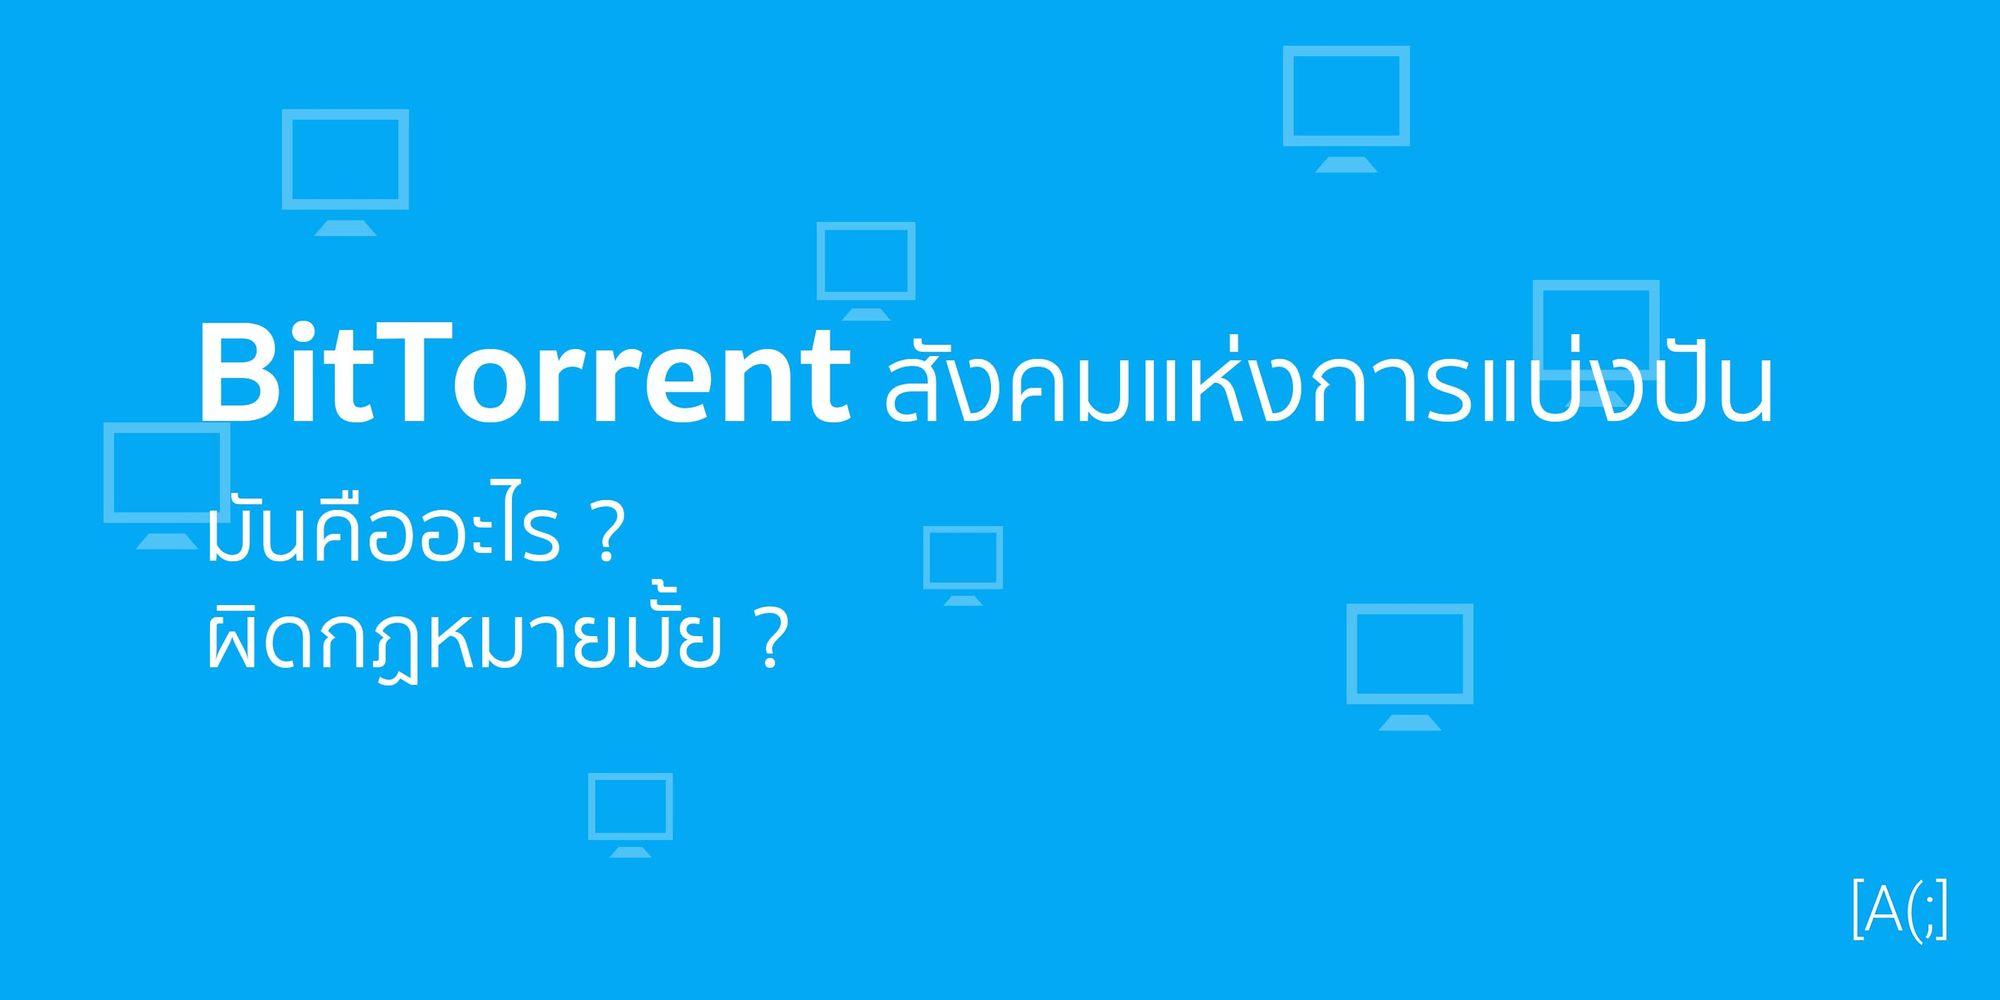 BitTorrent สังคมแห่งการแบ่งปัน มันคืออะไร ? ผิดกฏหมายมั้ย ?